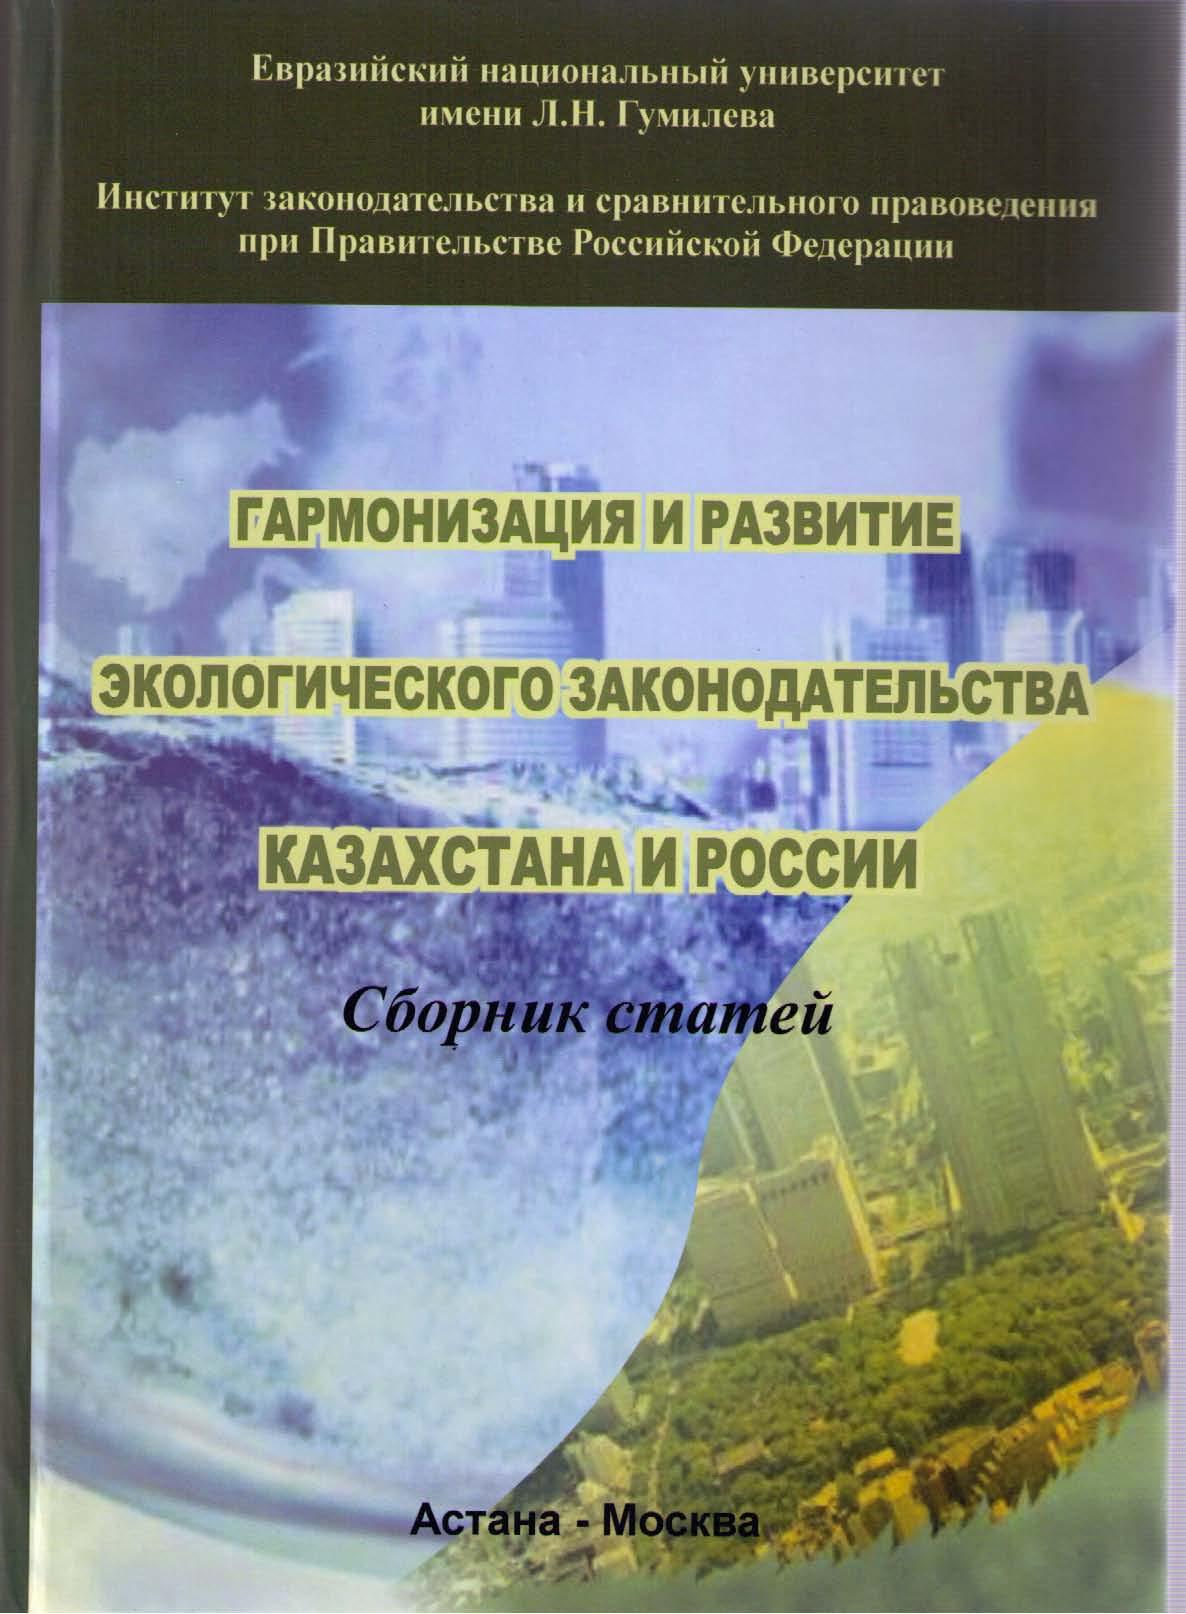 Гармонизация и развитие экологического законодательства Казахстана и России